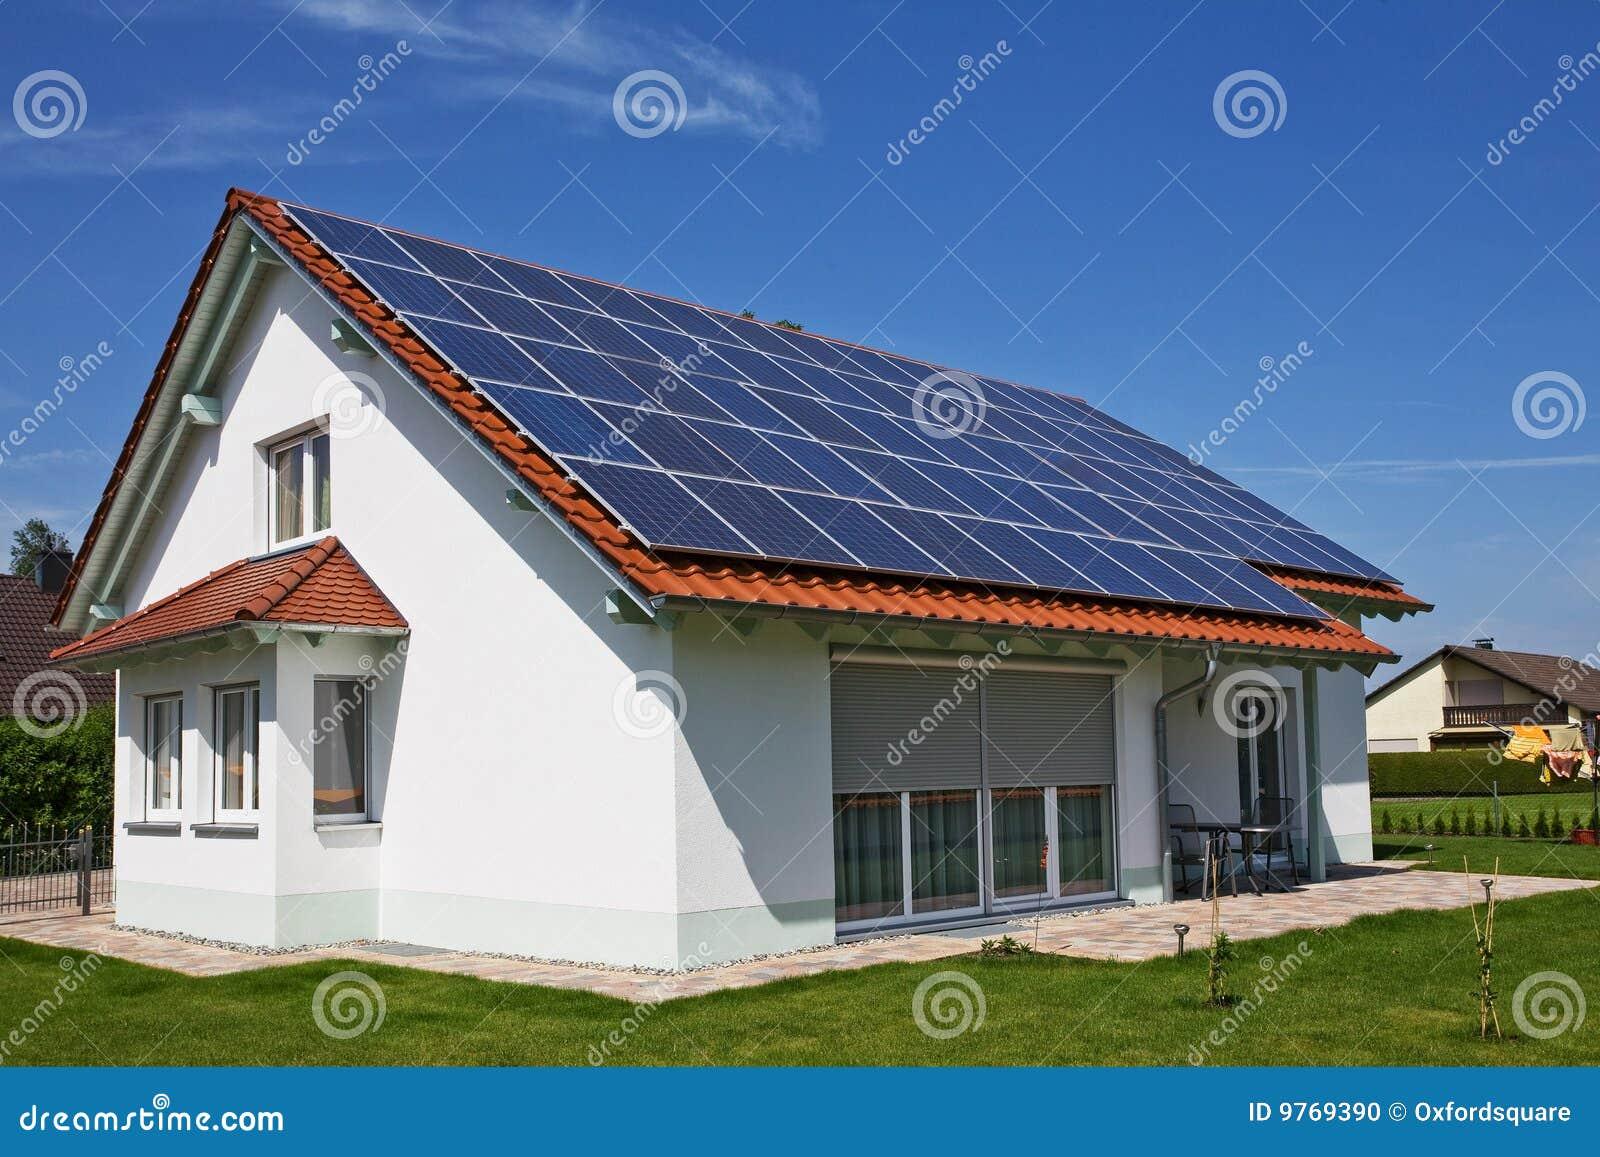 Camera, comitato solare